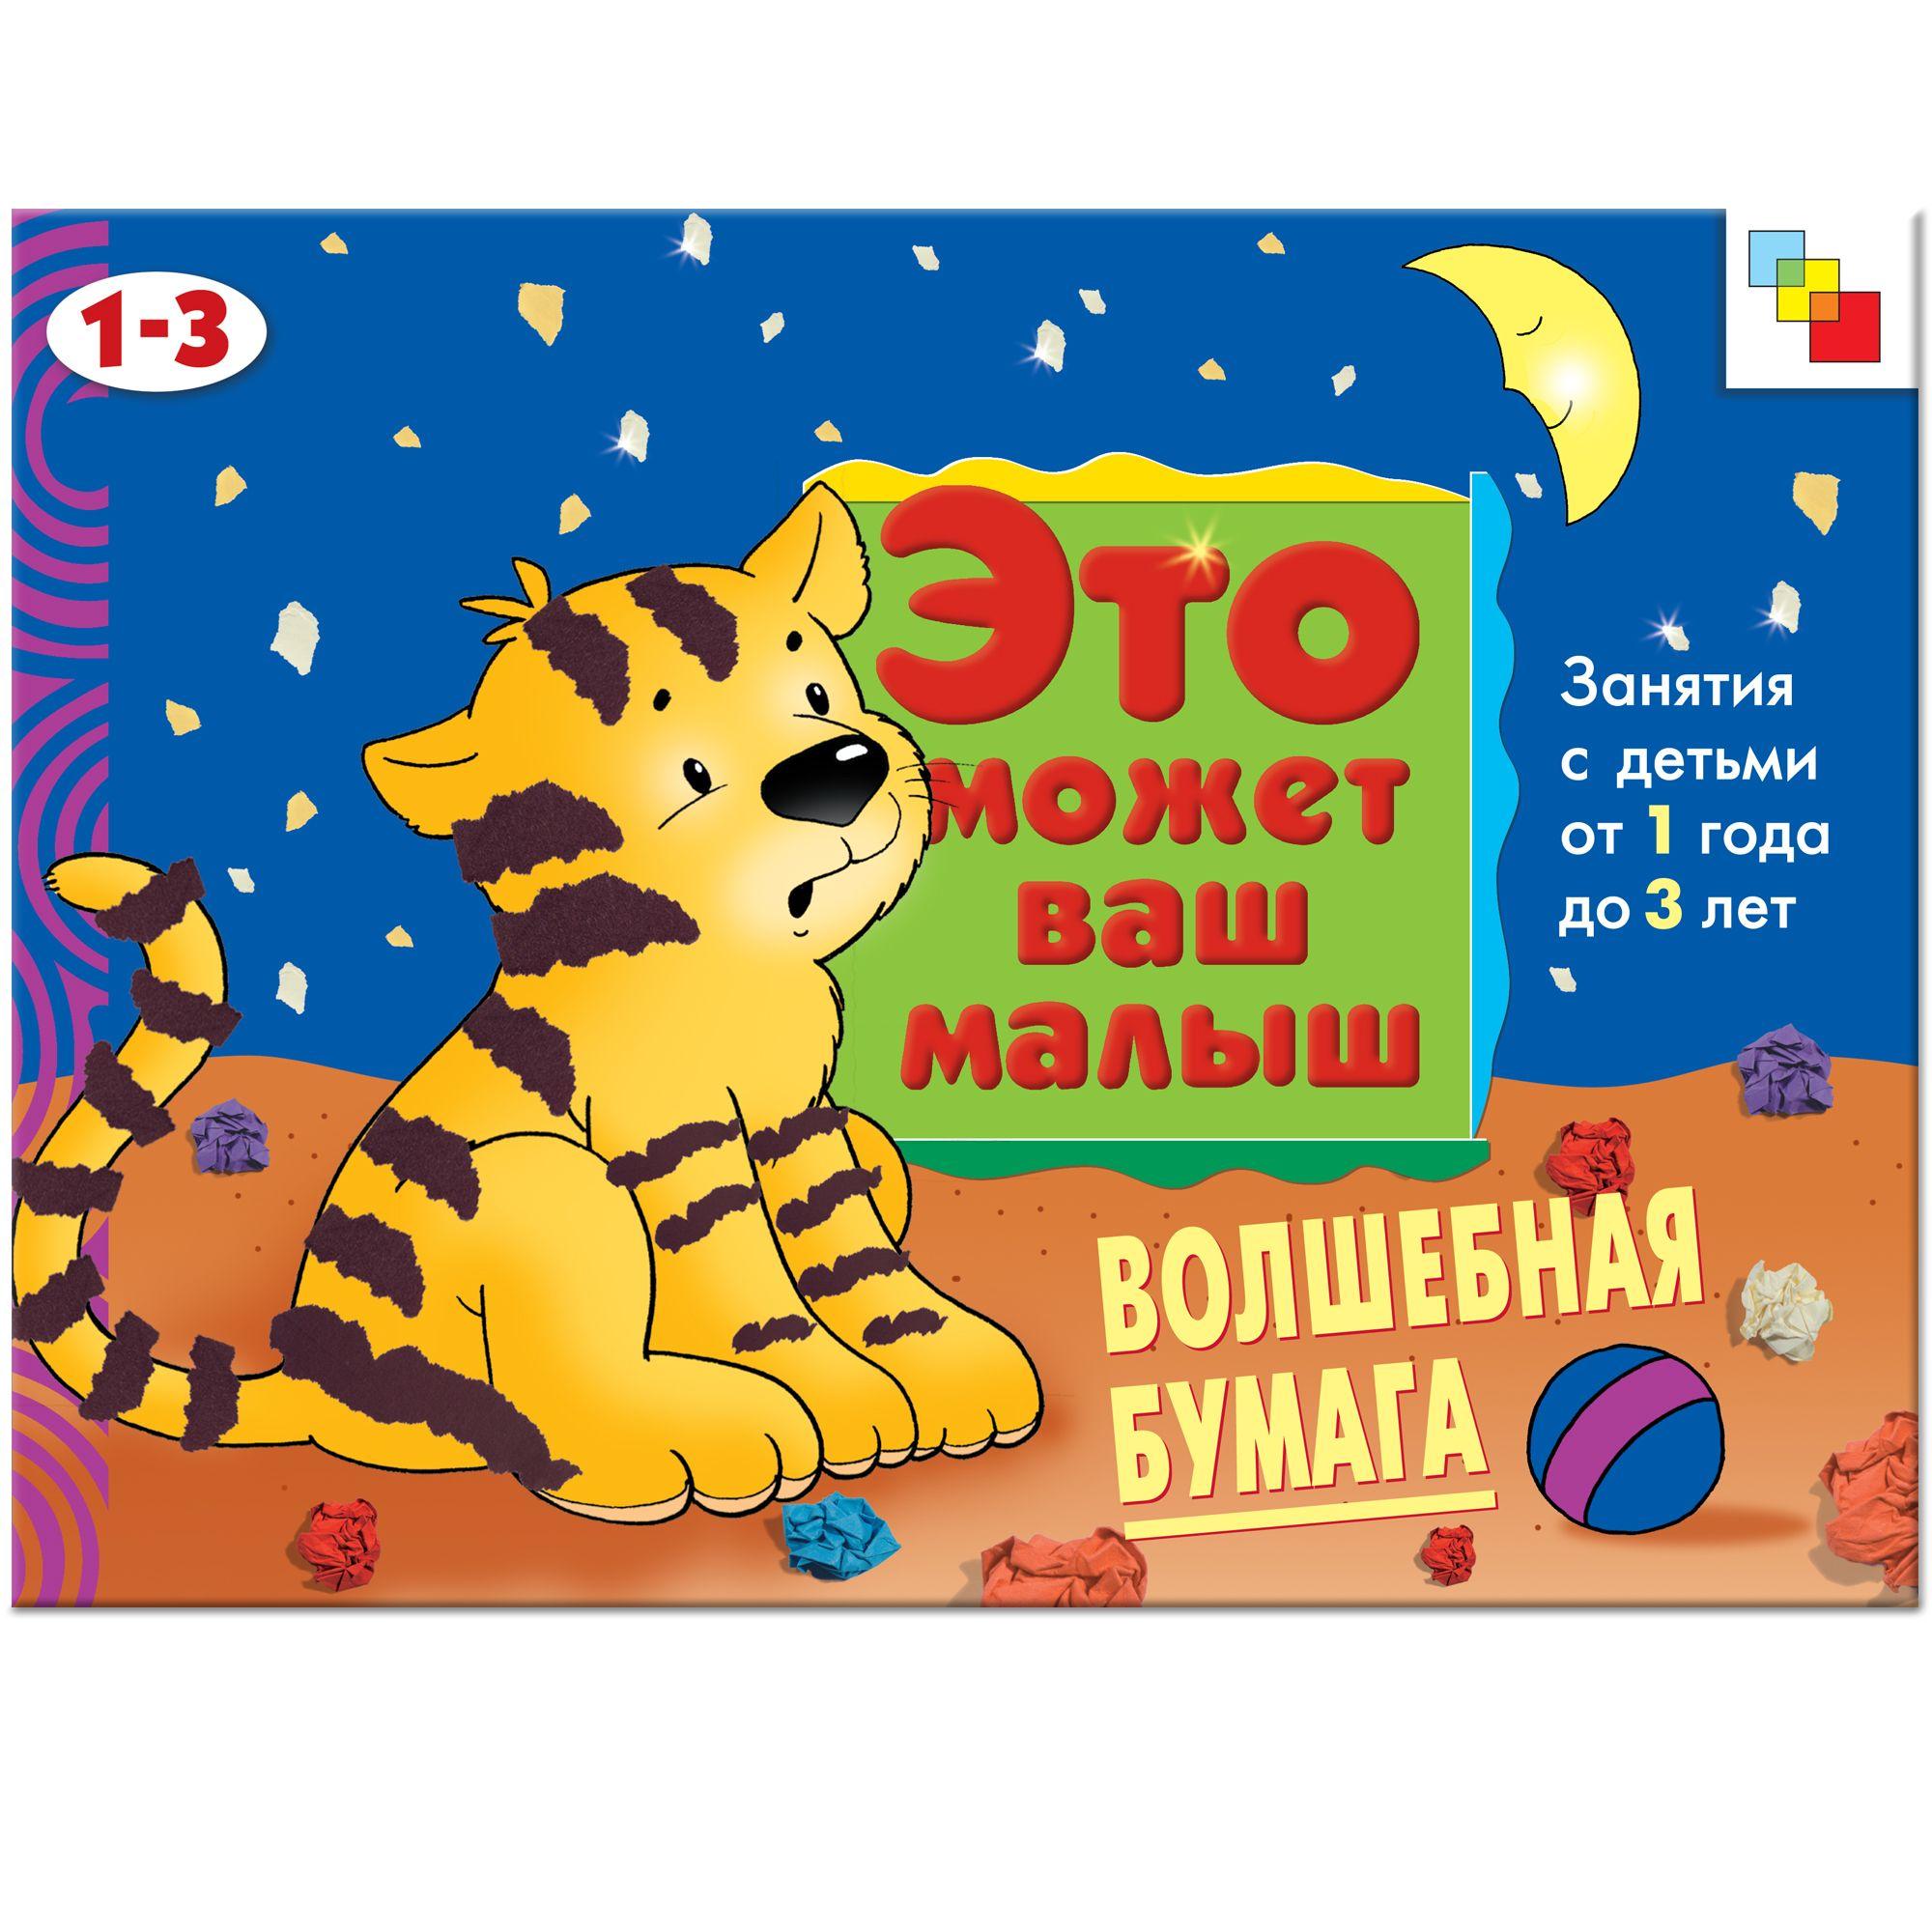 Волшебная бумага: Занятия с детьми от 1 года до 3 лет